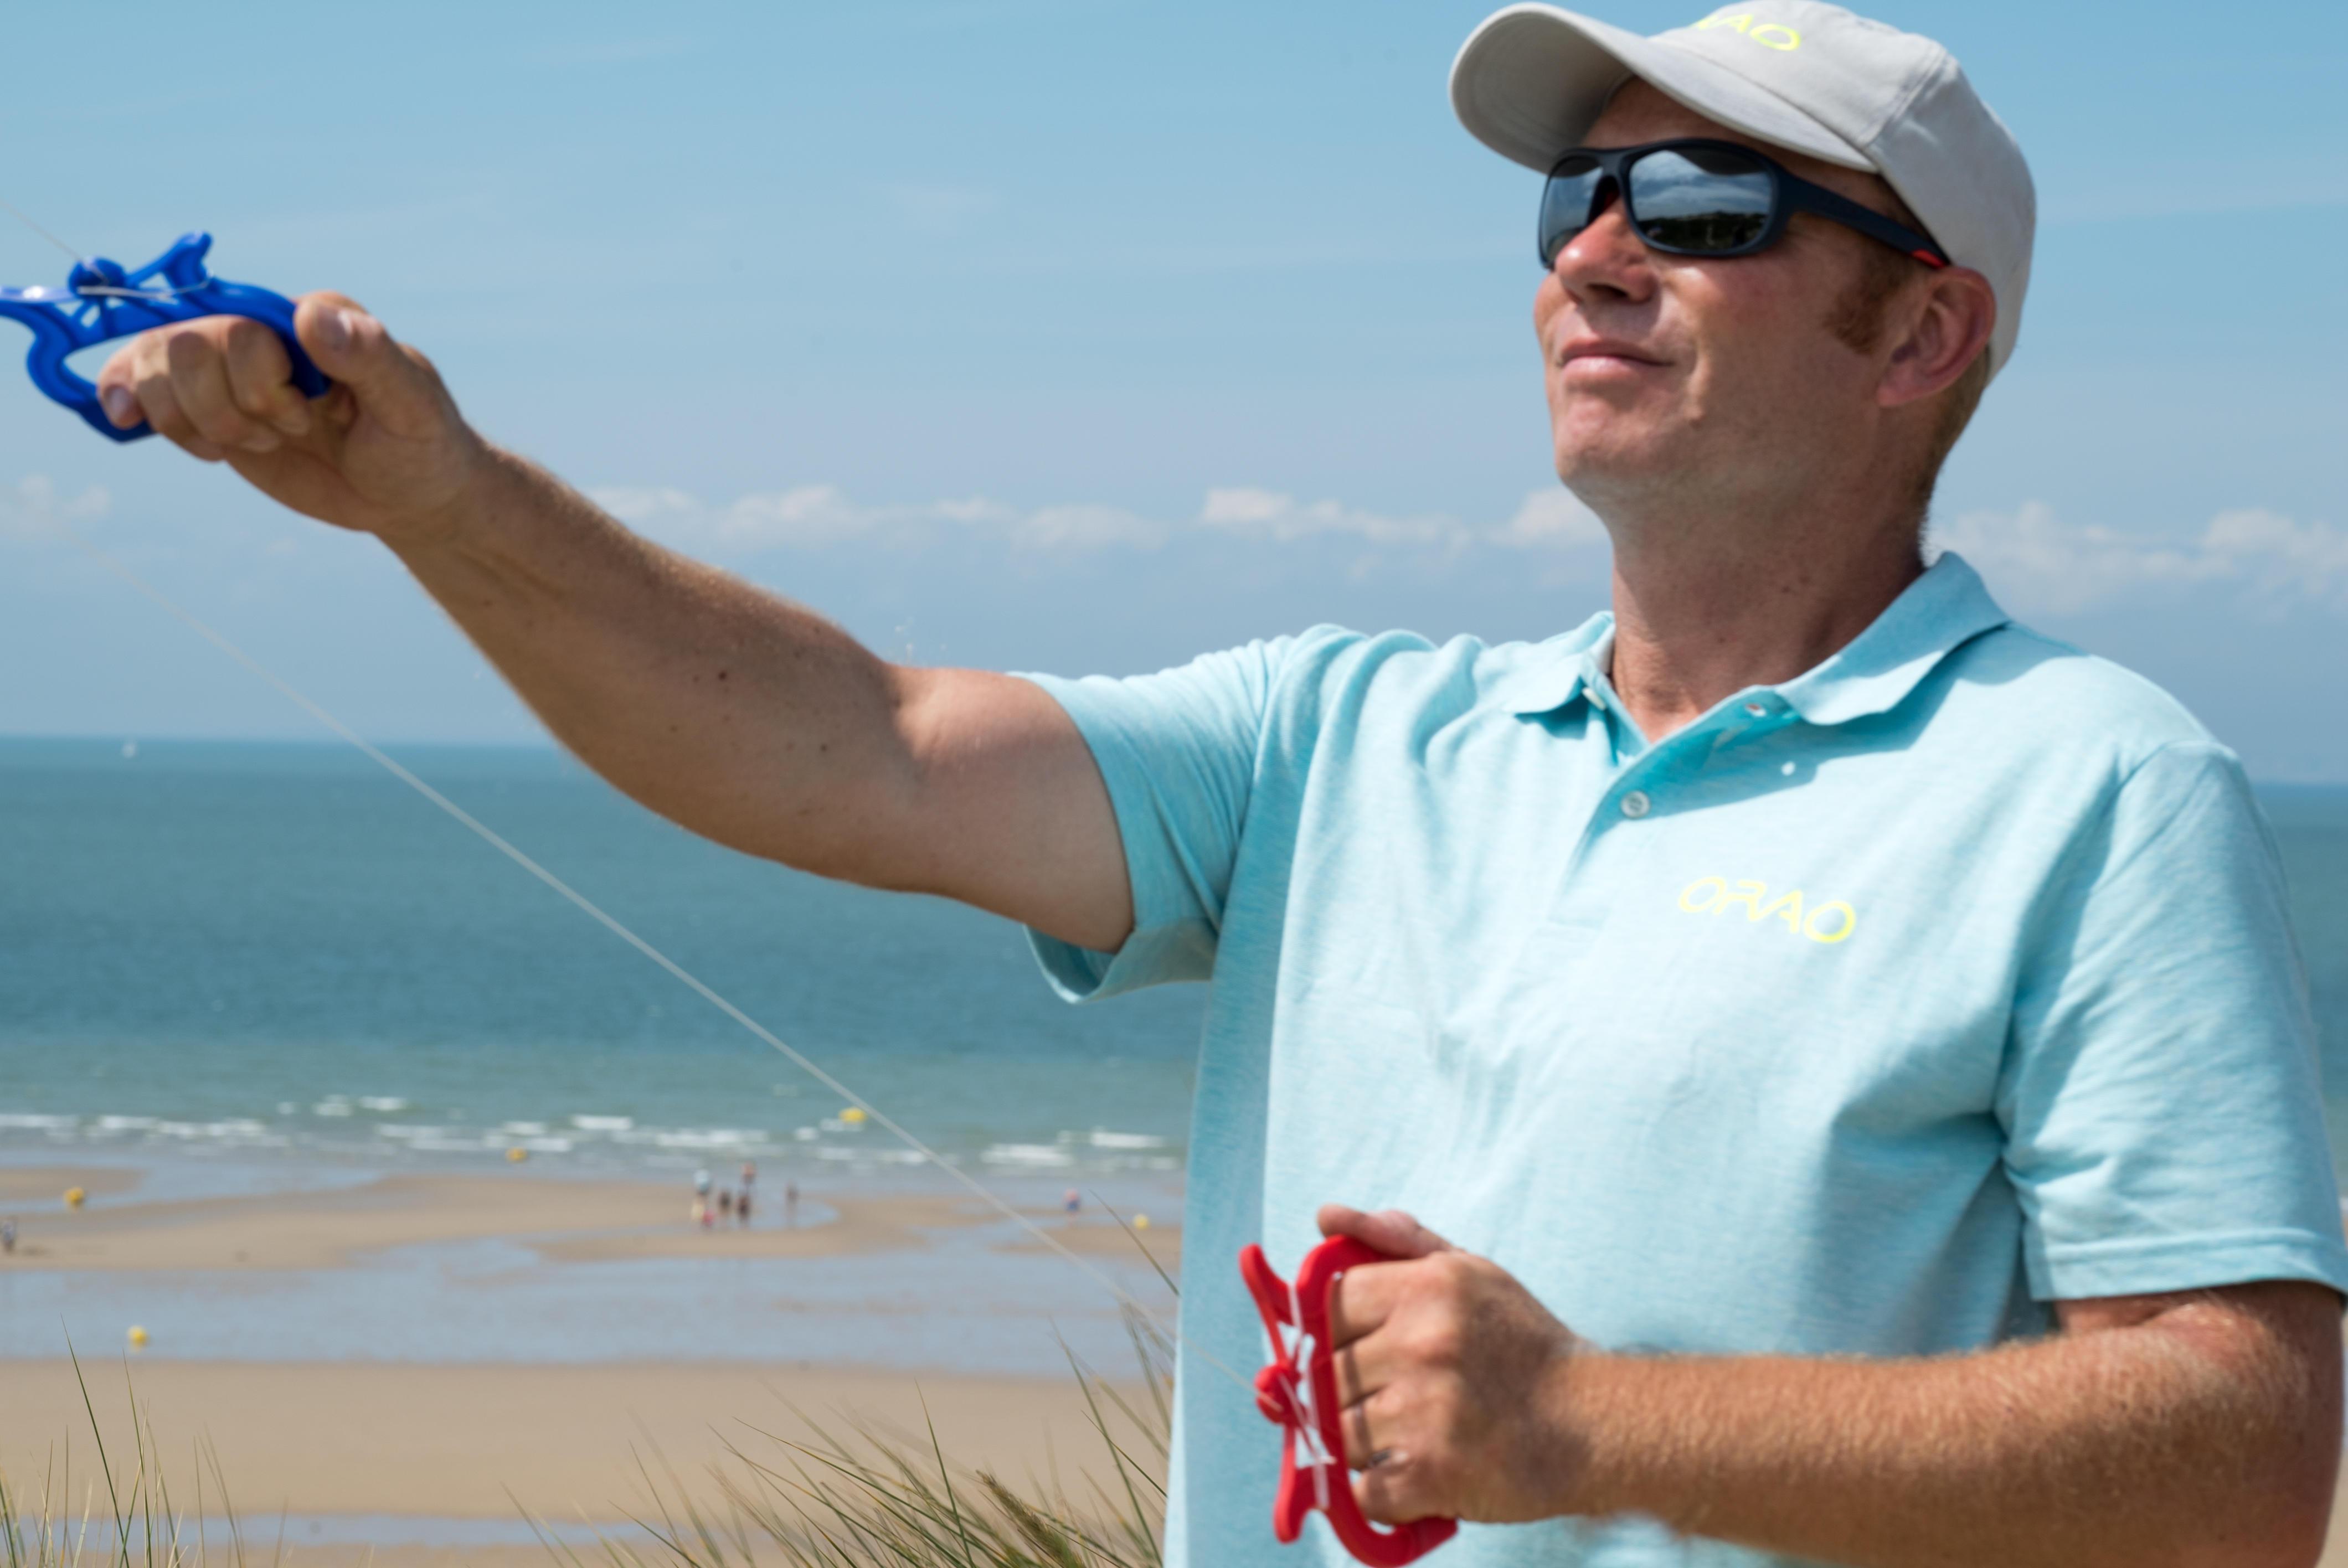 Feel'R 160 Stunt Kite